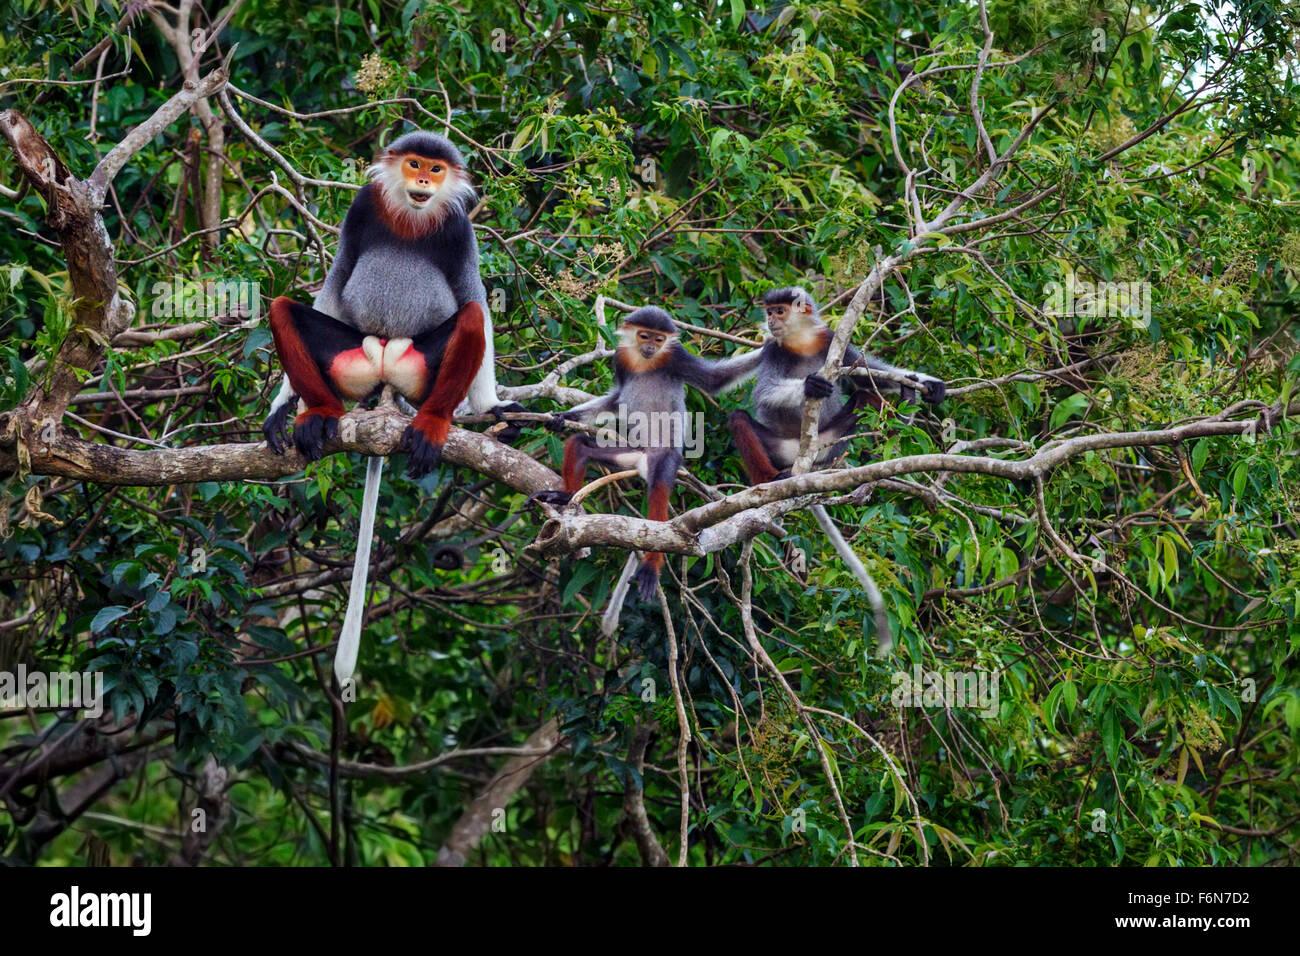 Erwachsene männliche Red Schaft-Douc in den Baumkronen im Son Tra Naturreservat in Vietnam eine Baby-/Kinderbetreuung Stockbild